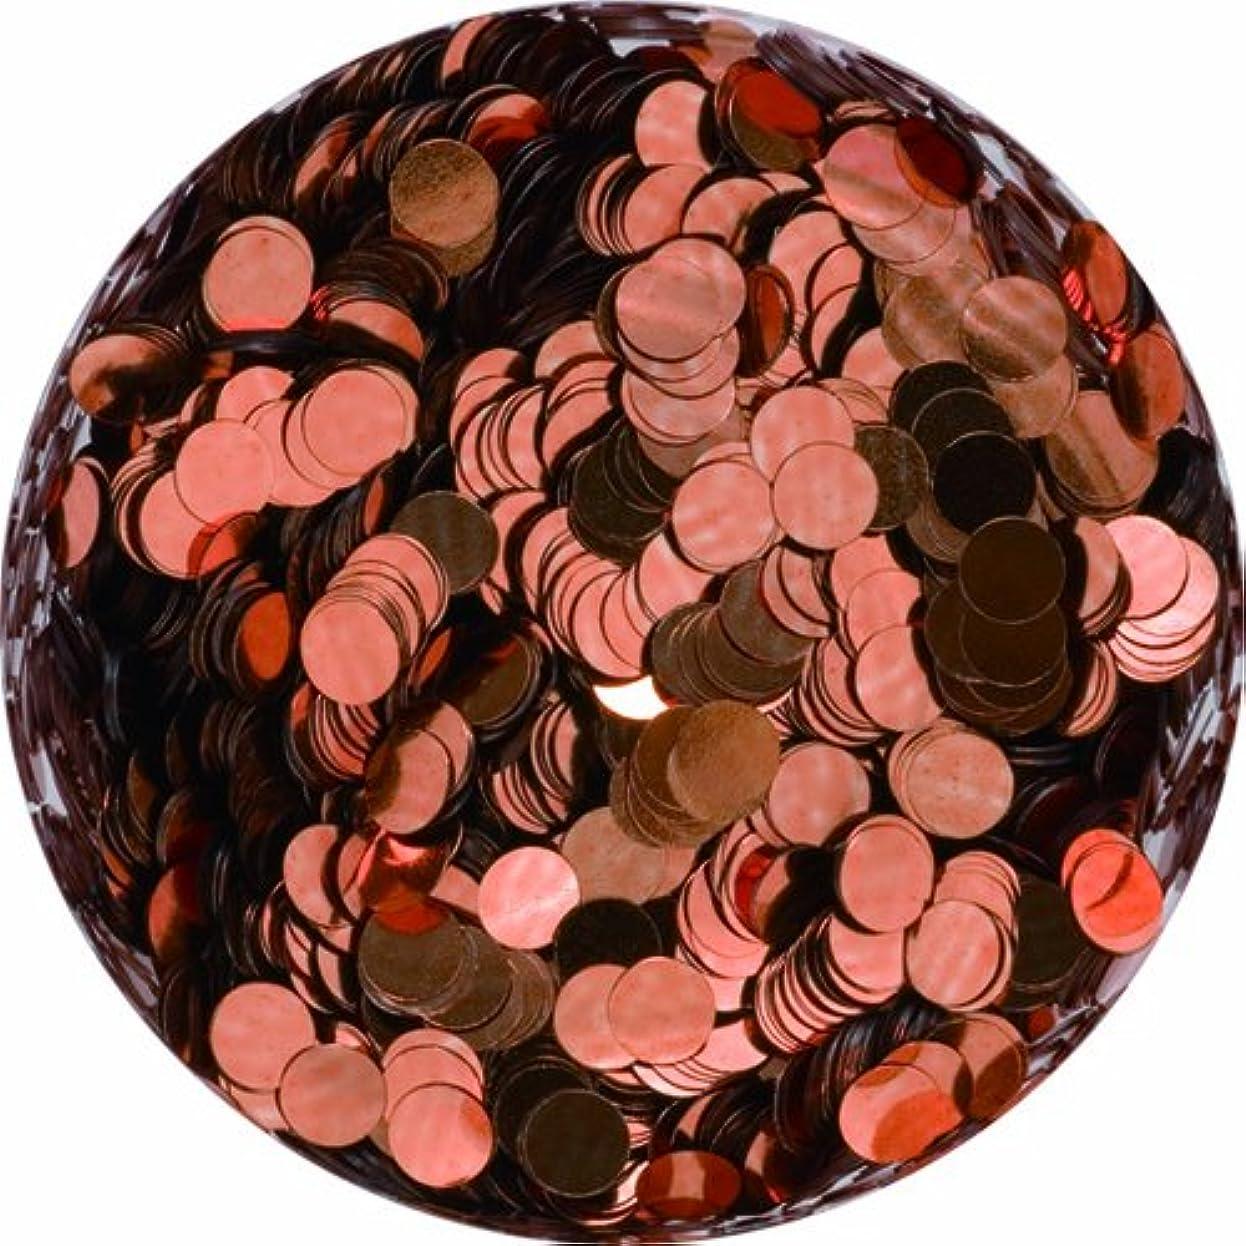 中世の賠償会計ビューティーネイラー ネイル用パウダー 黒崎えり子 ジュエリーコレクション コッパー2mm丸